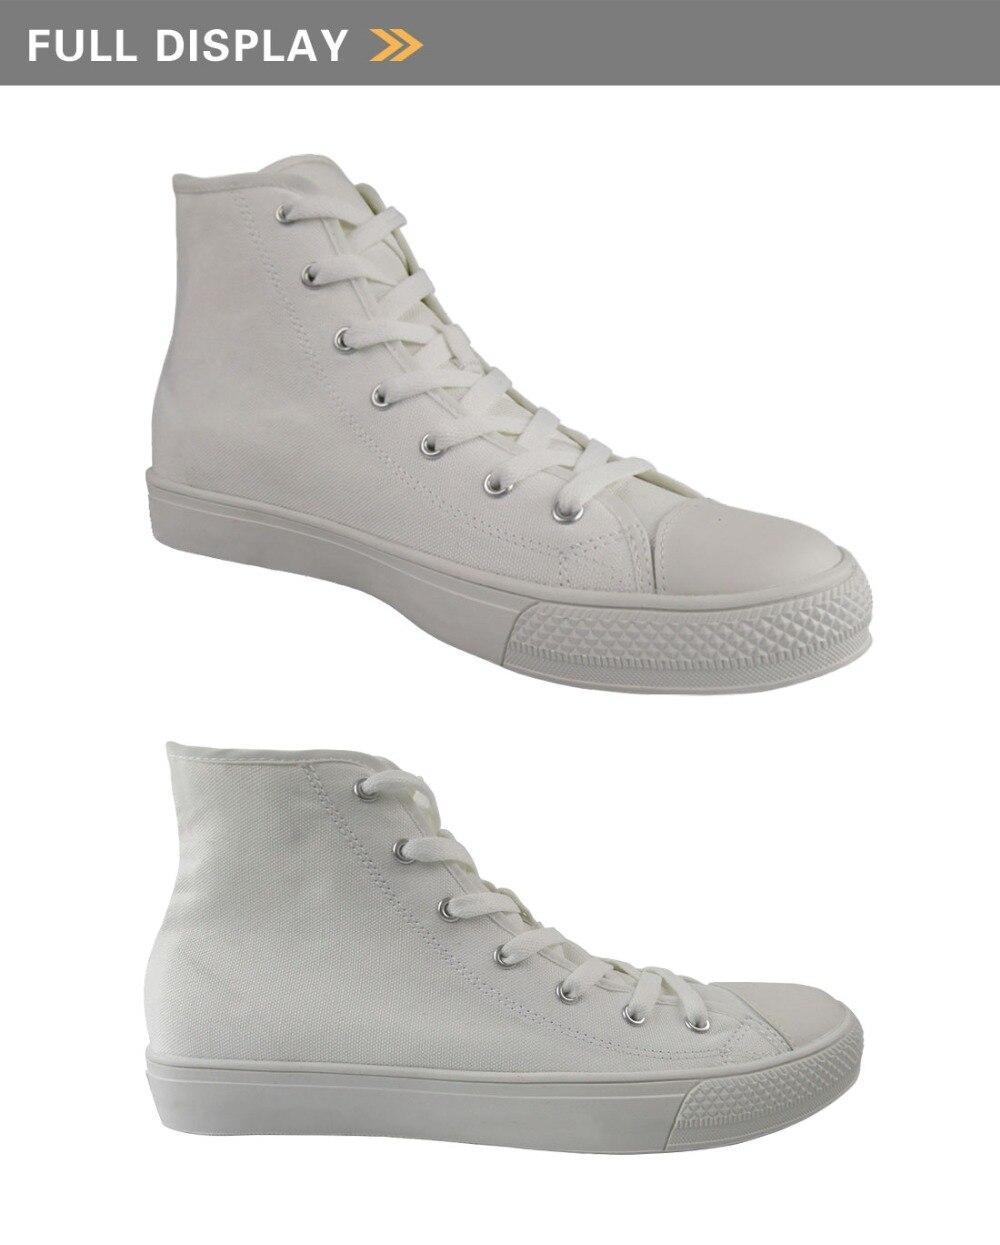 Doginthehole Image personnalisée Logo homme chaussures de course Sport appartements femmes baskets pour filles haut haut Gym chaussures confortable toile chaussure - 5